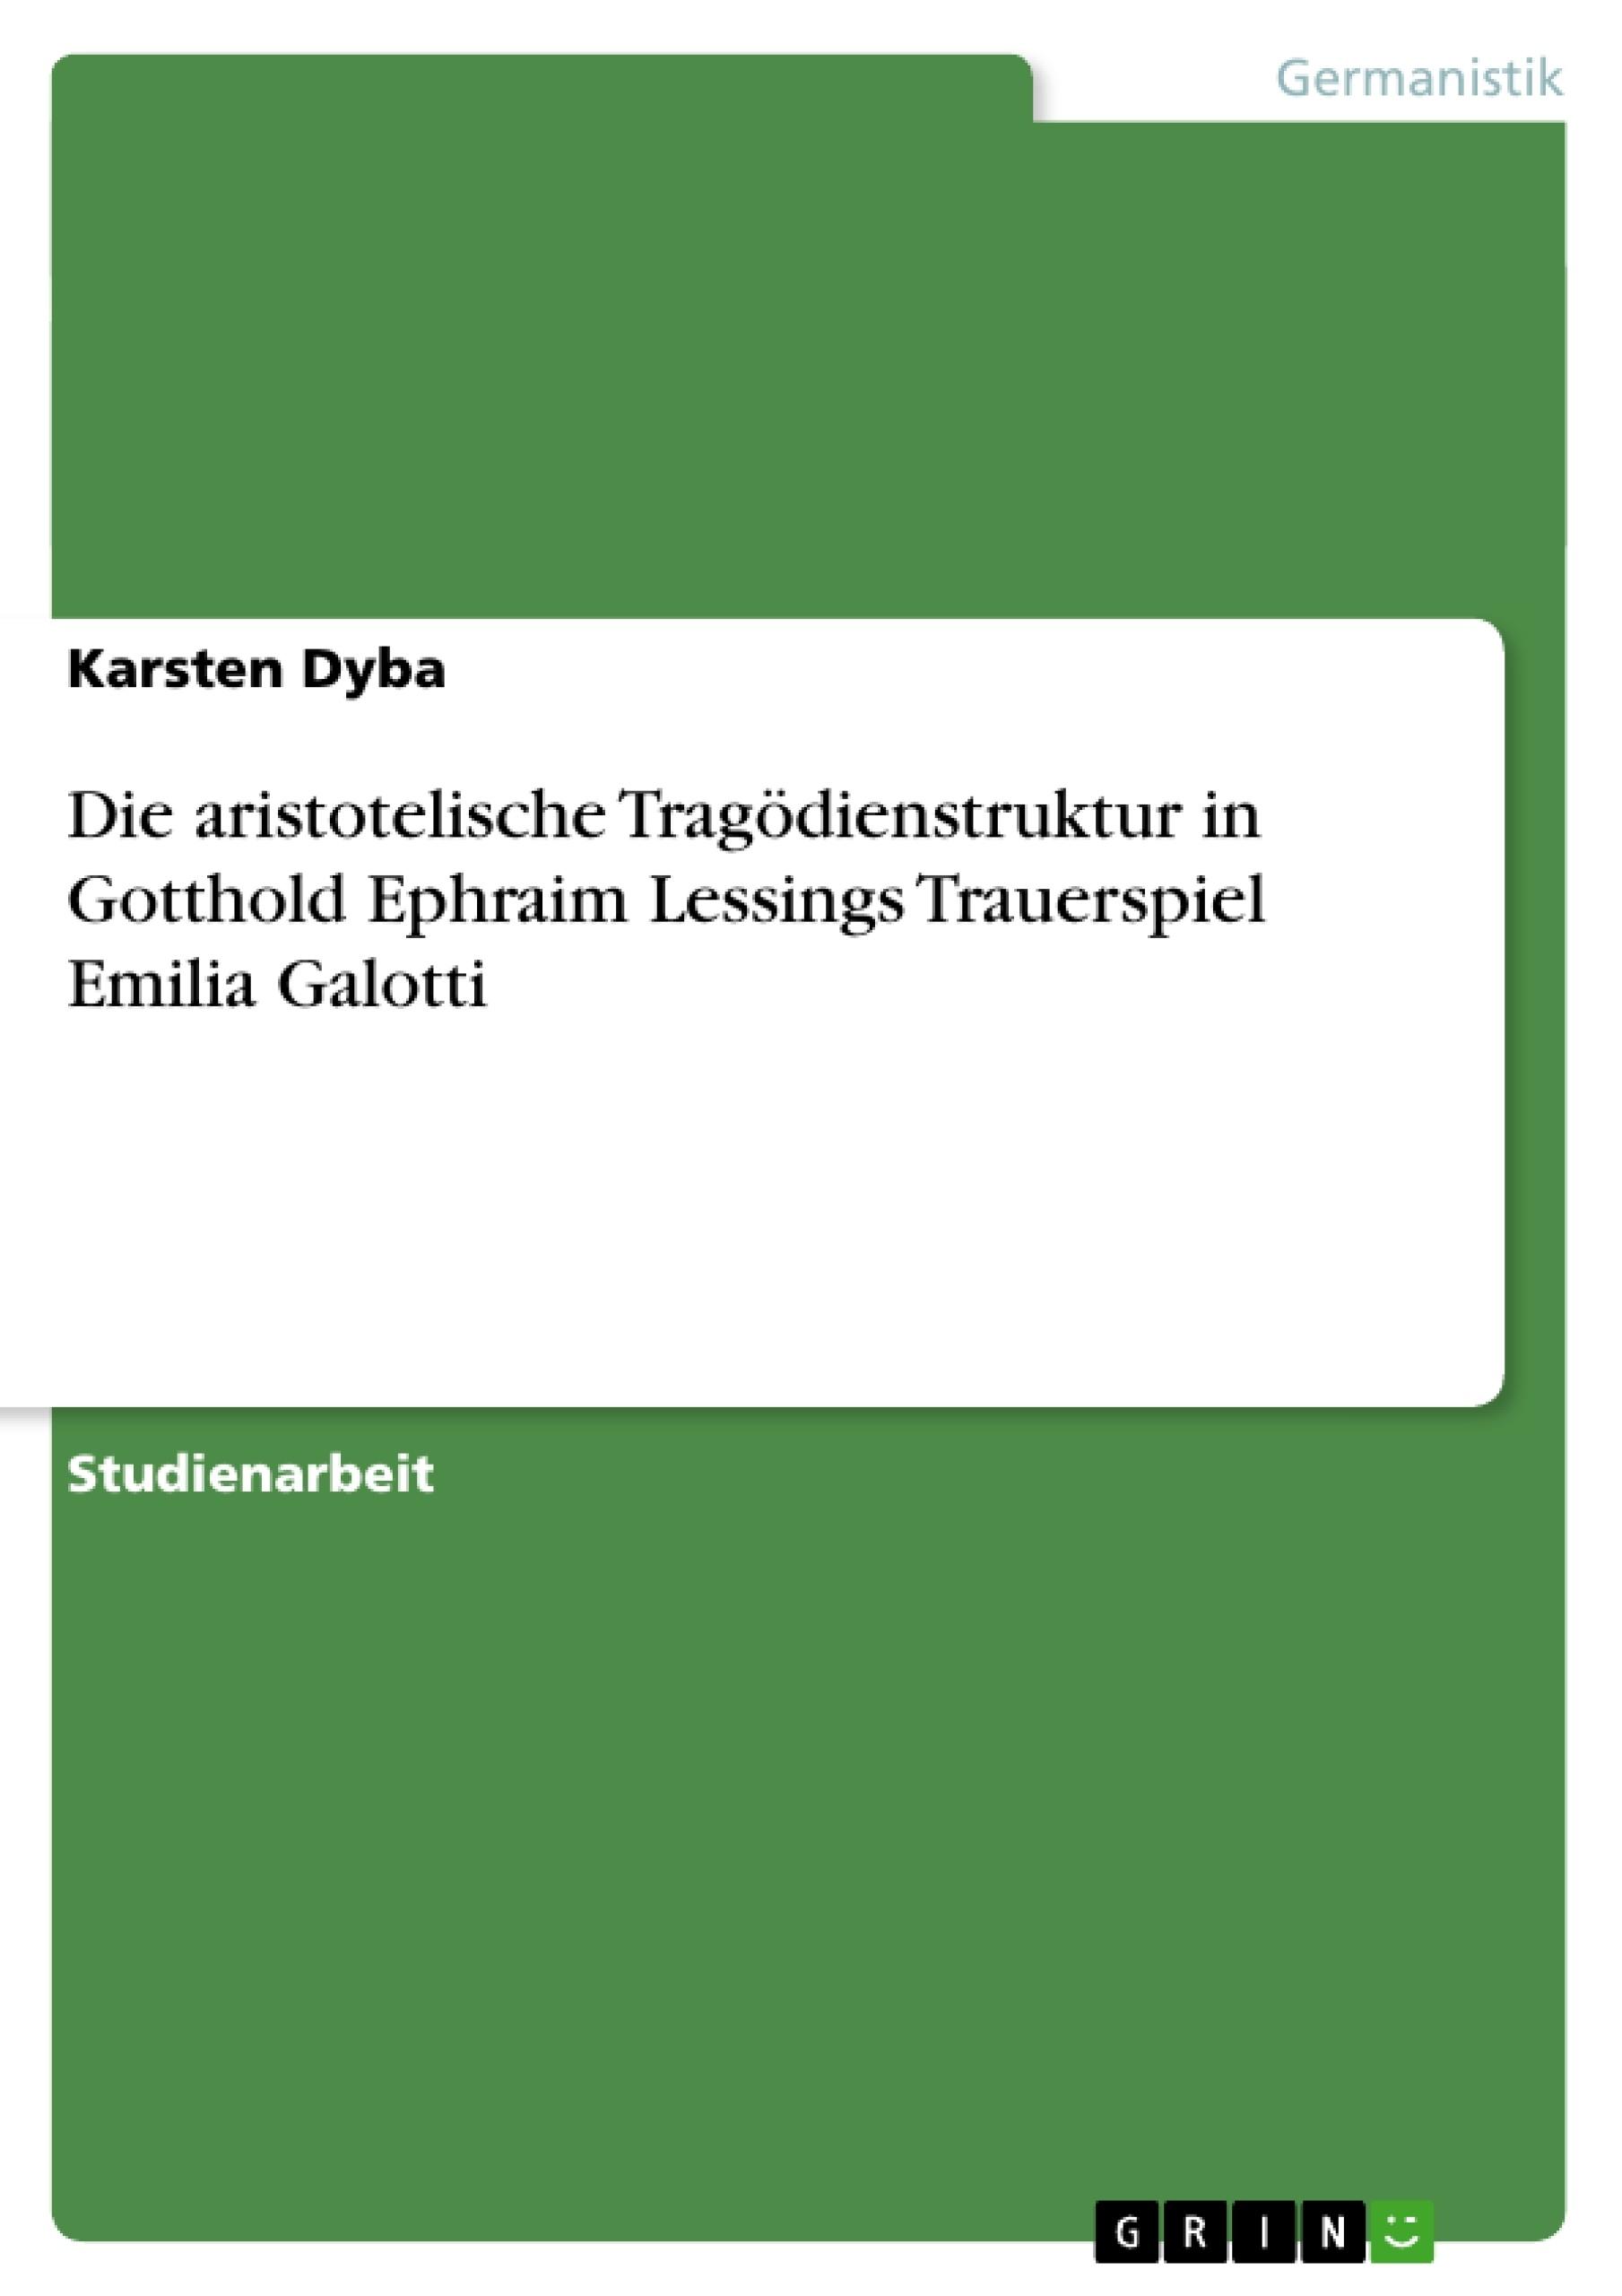 Titel: Die aristotelische Tragödienstruktur in Gotthold Ephraim Lessings Trauerspiel Emilia Galotti